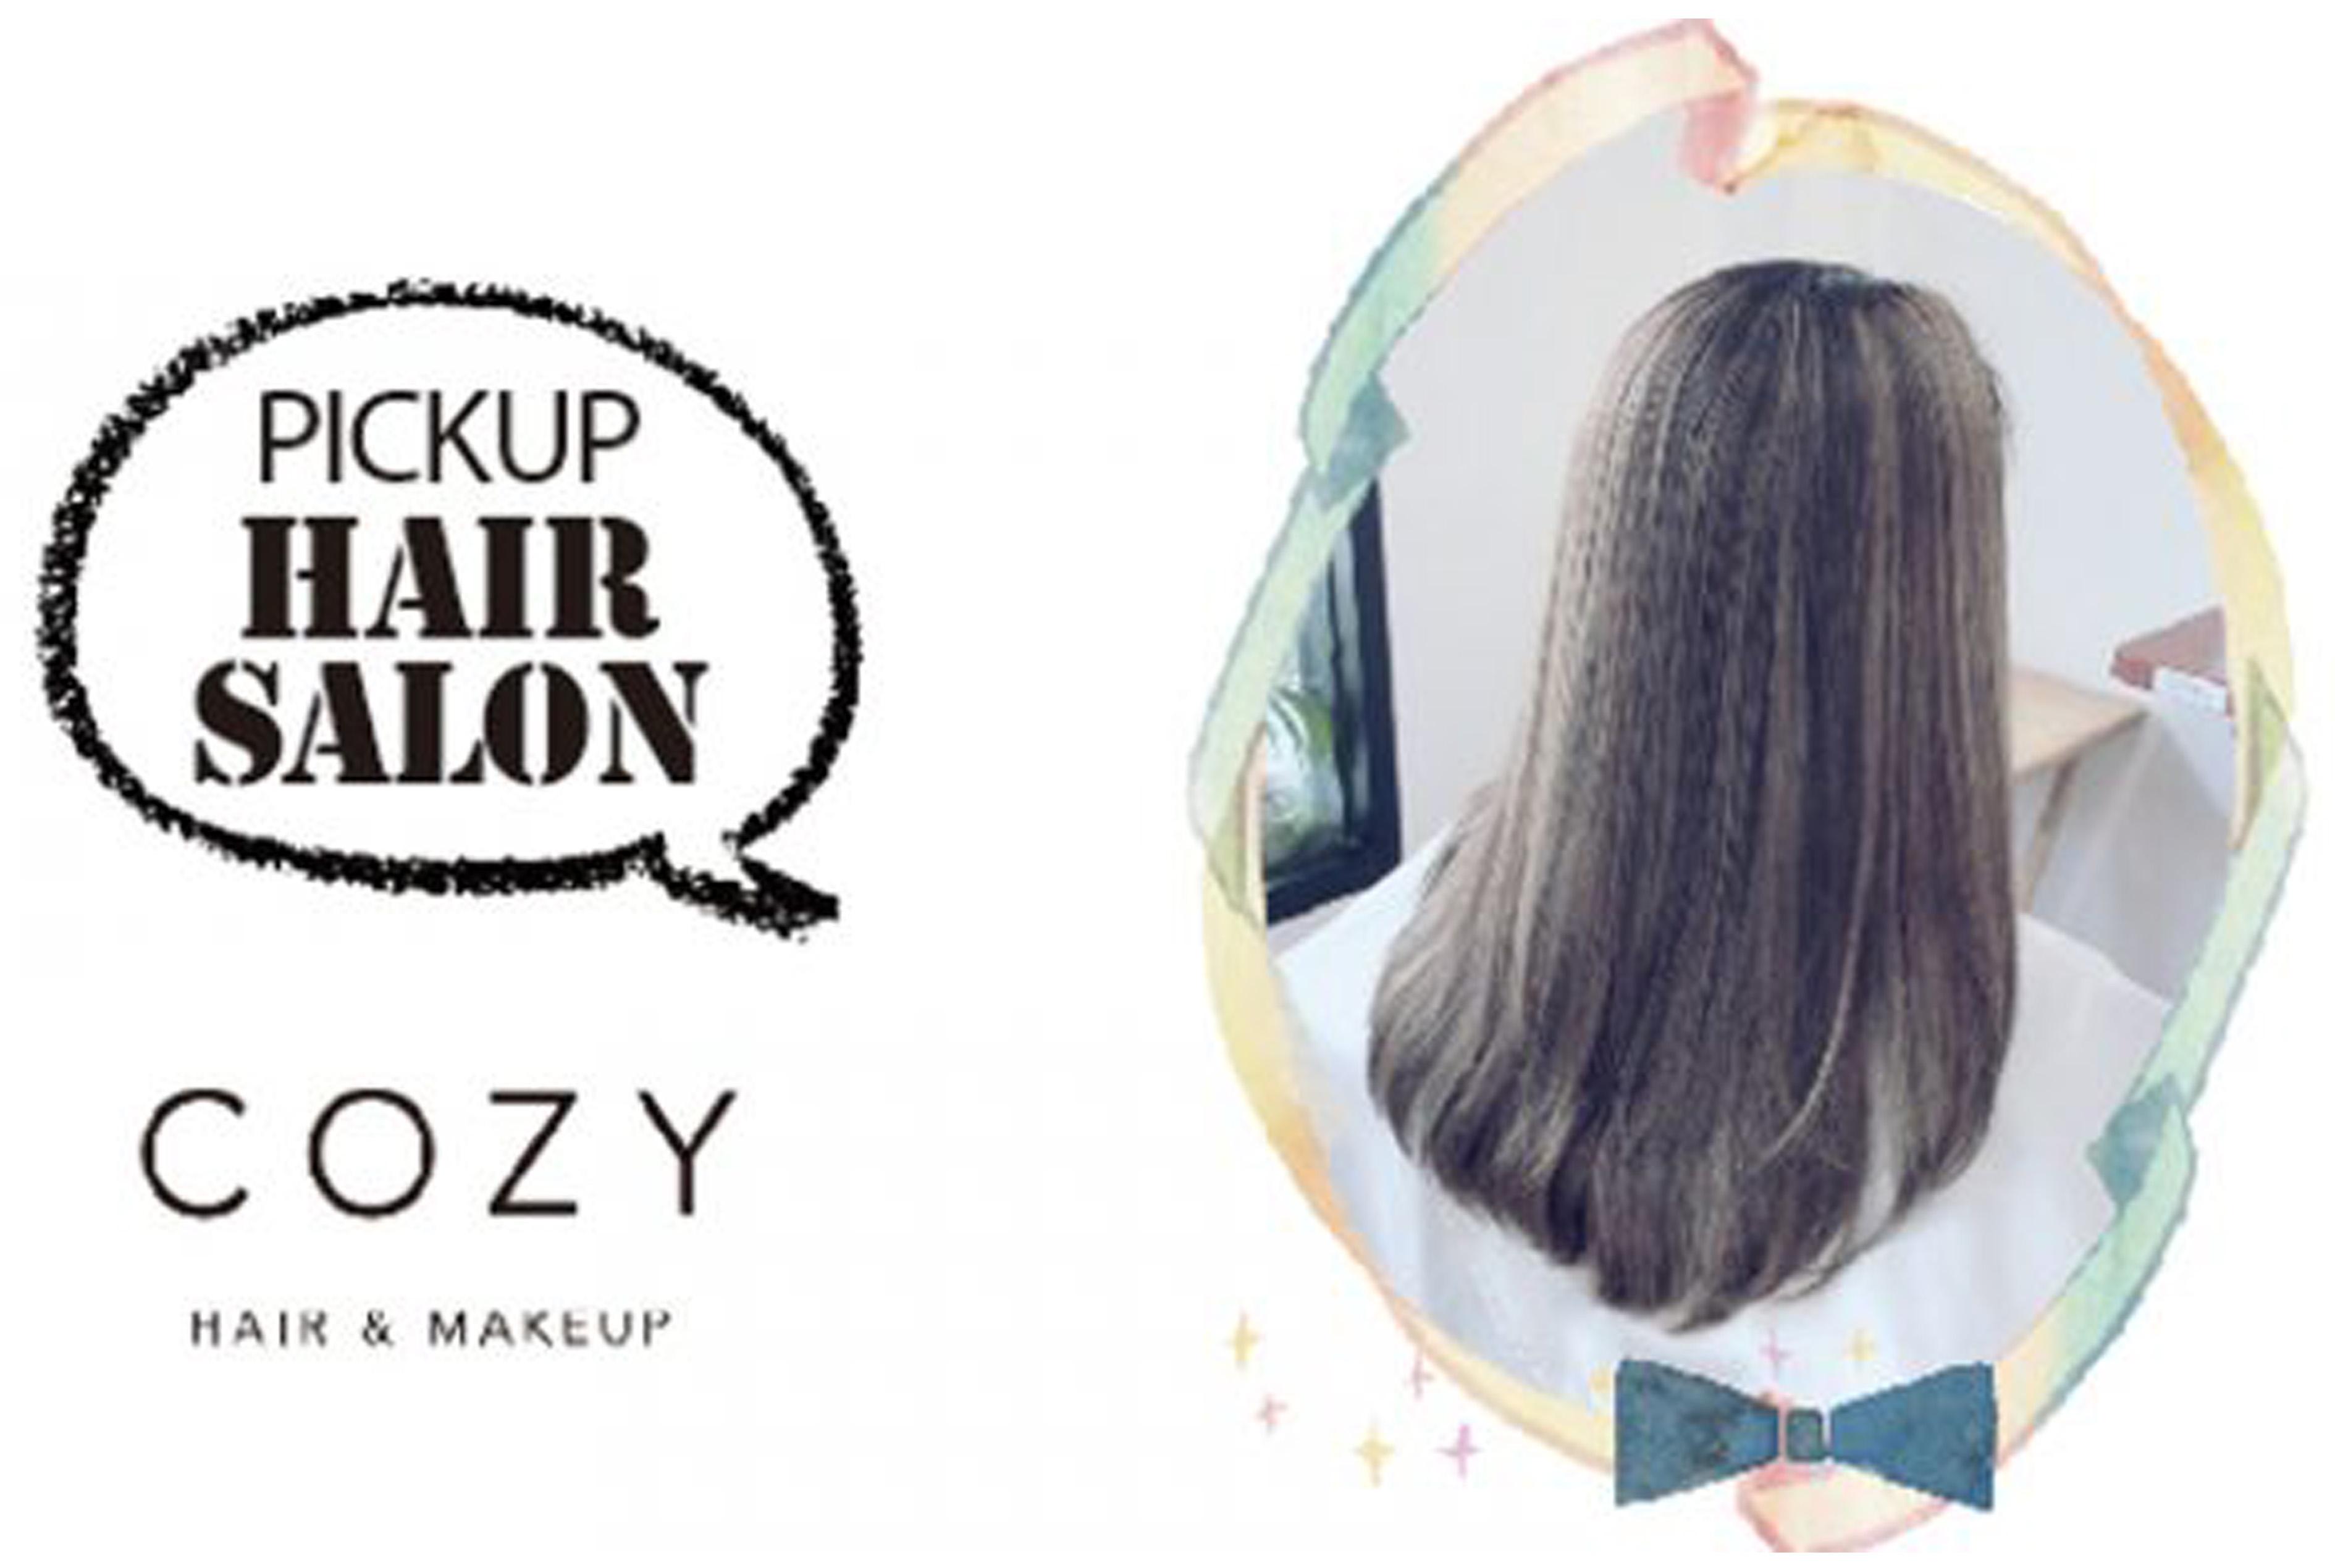 【PICK UP HAIR SALON】COZY - ワイズデジタル【タイで生活する人のための情報サイト】